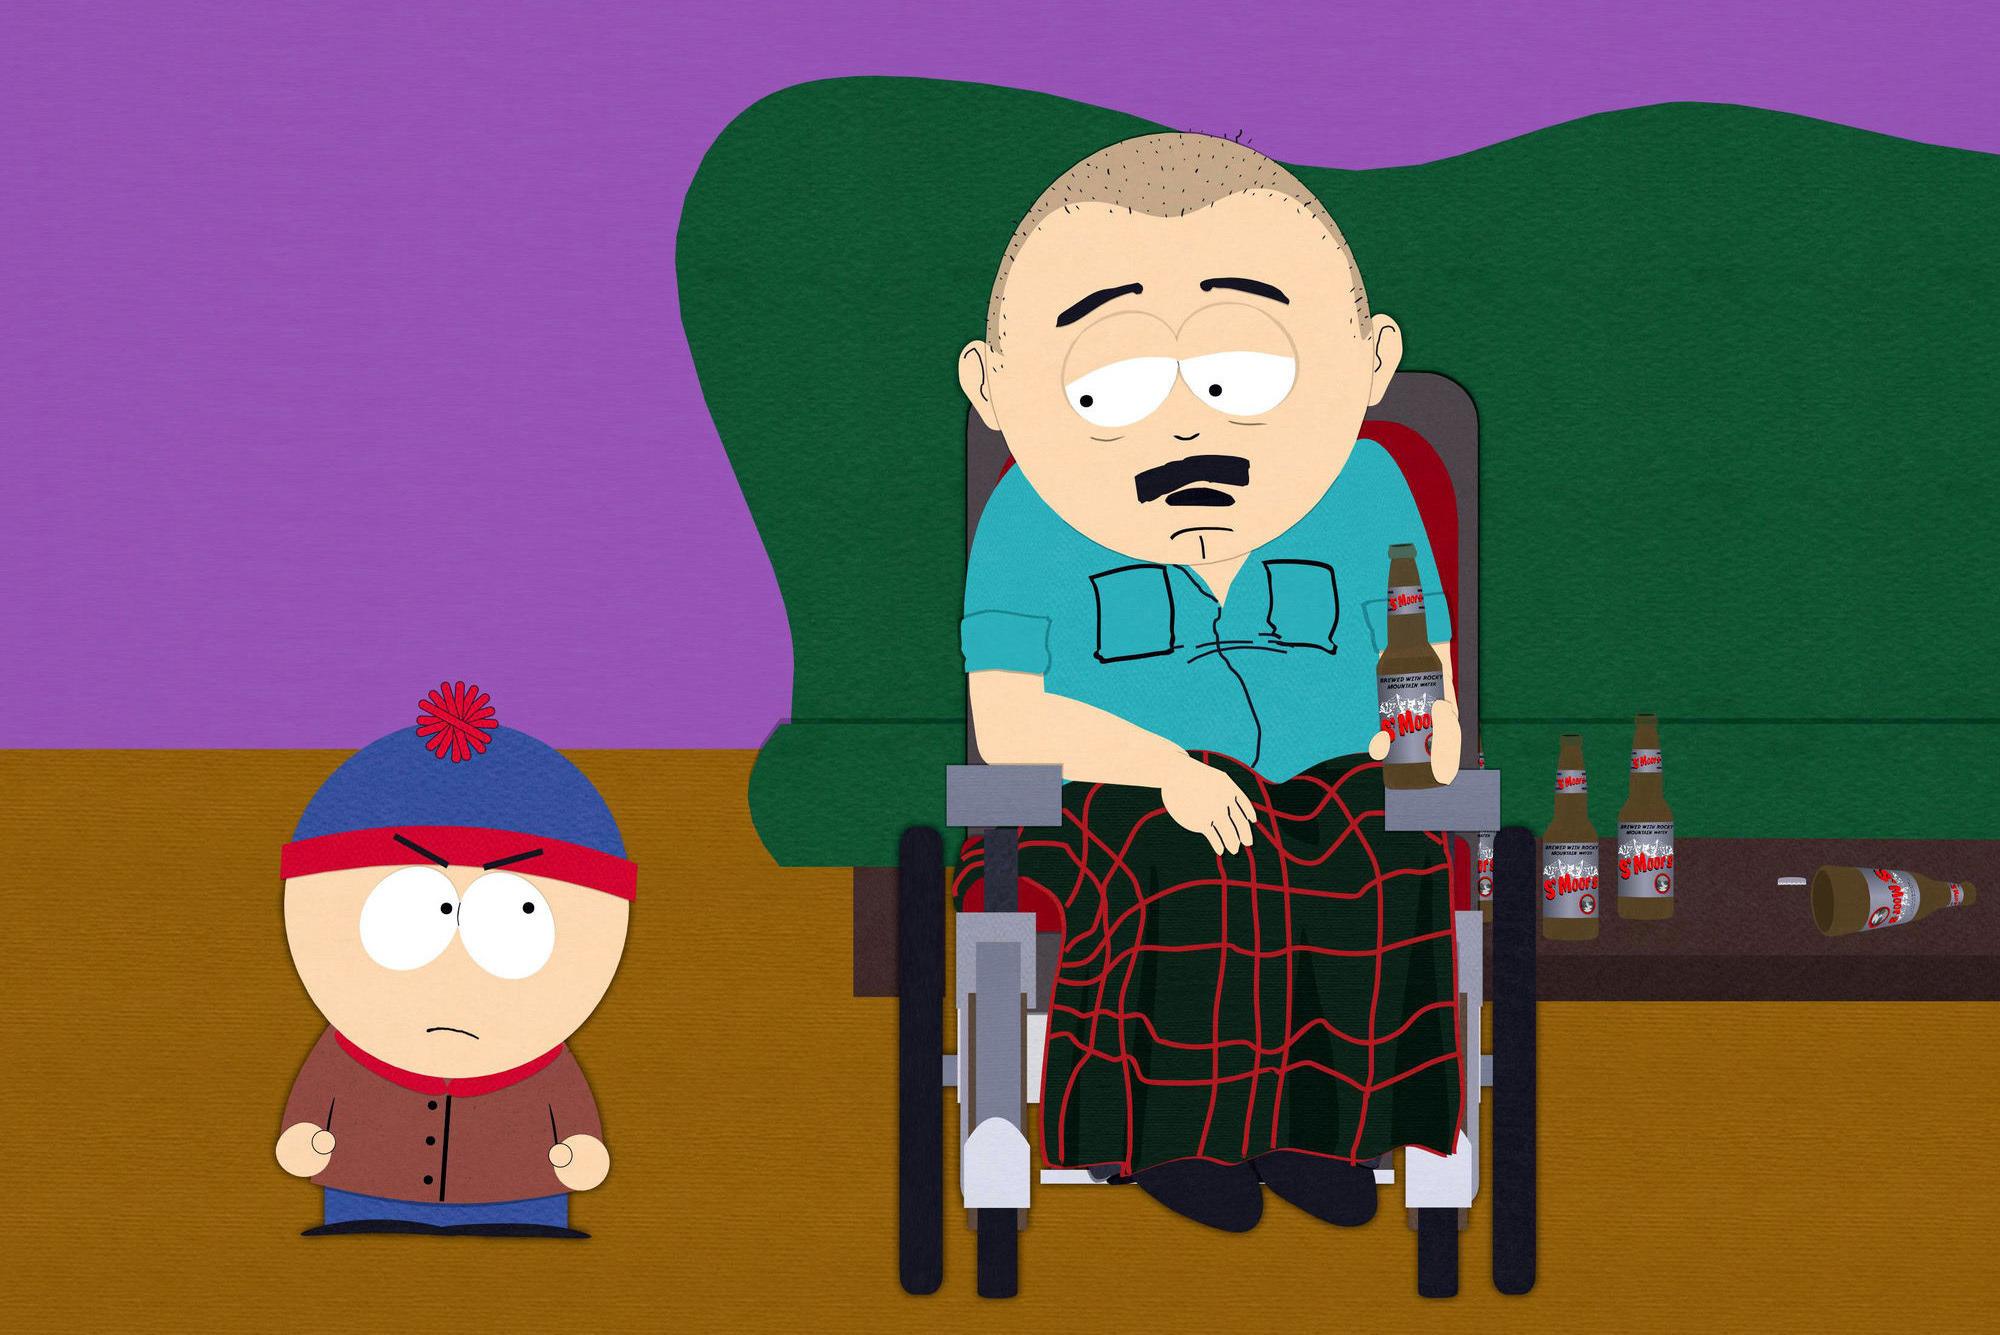 Кадр из серии «Кровавая Мэри» сериала South Park